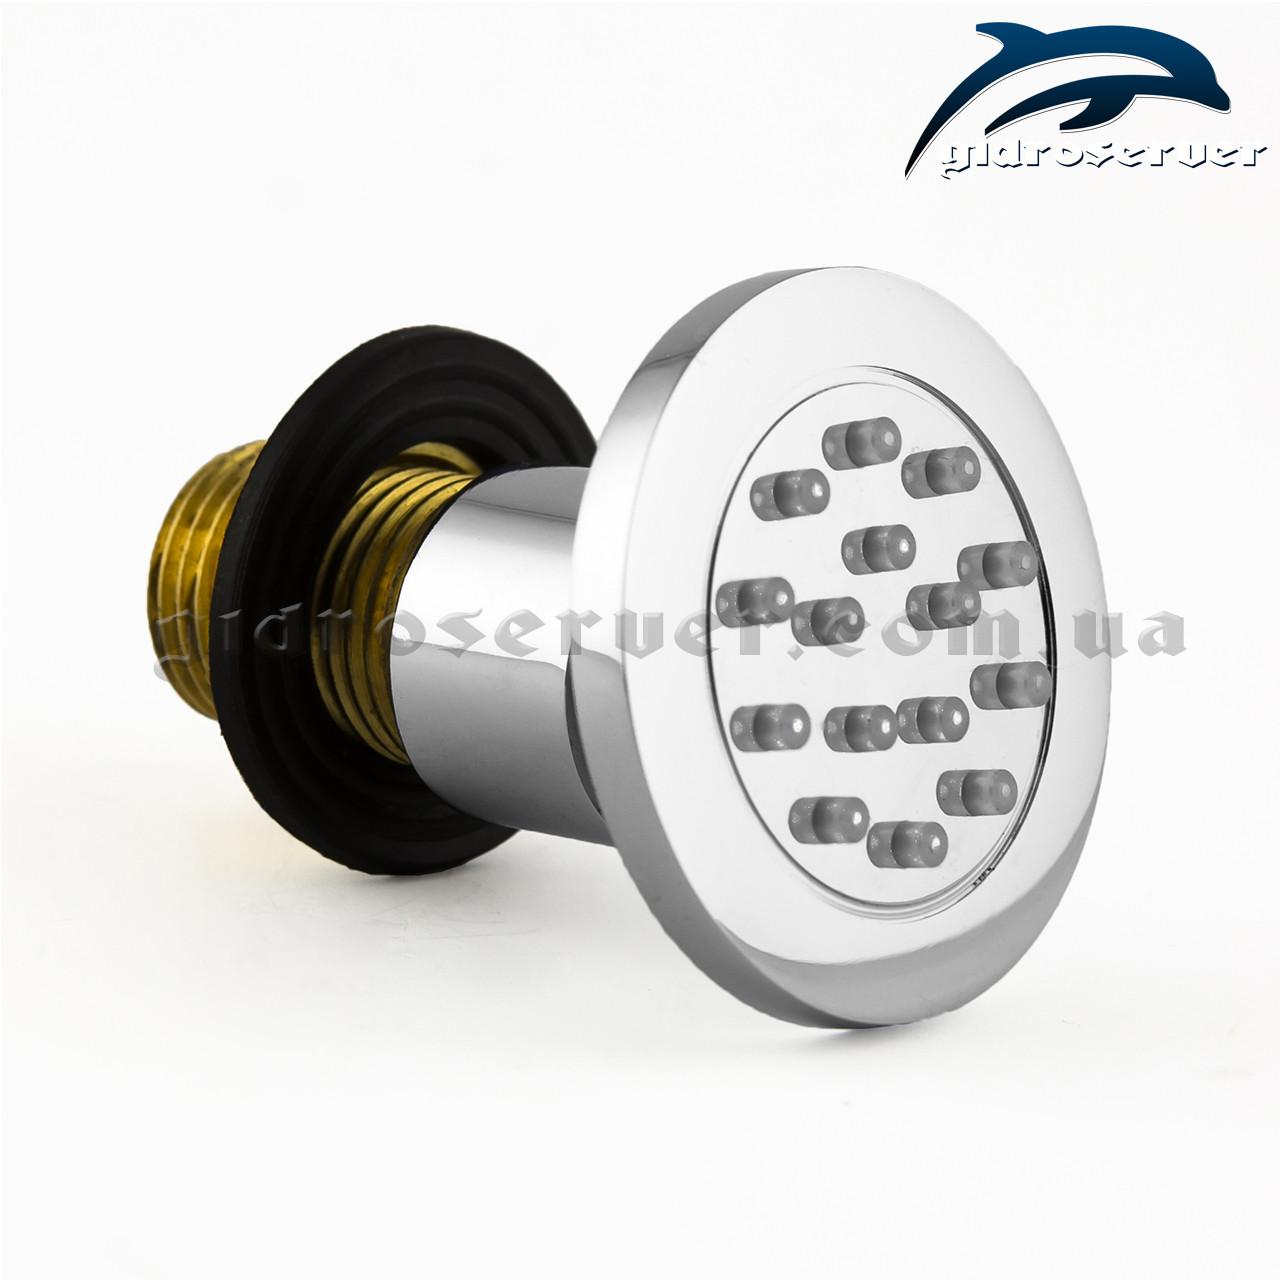 Гідромасажна форсука для душових систем, гарнітурів FL-04 поворотна.